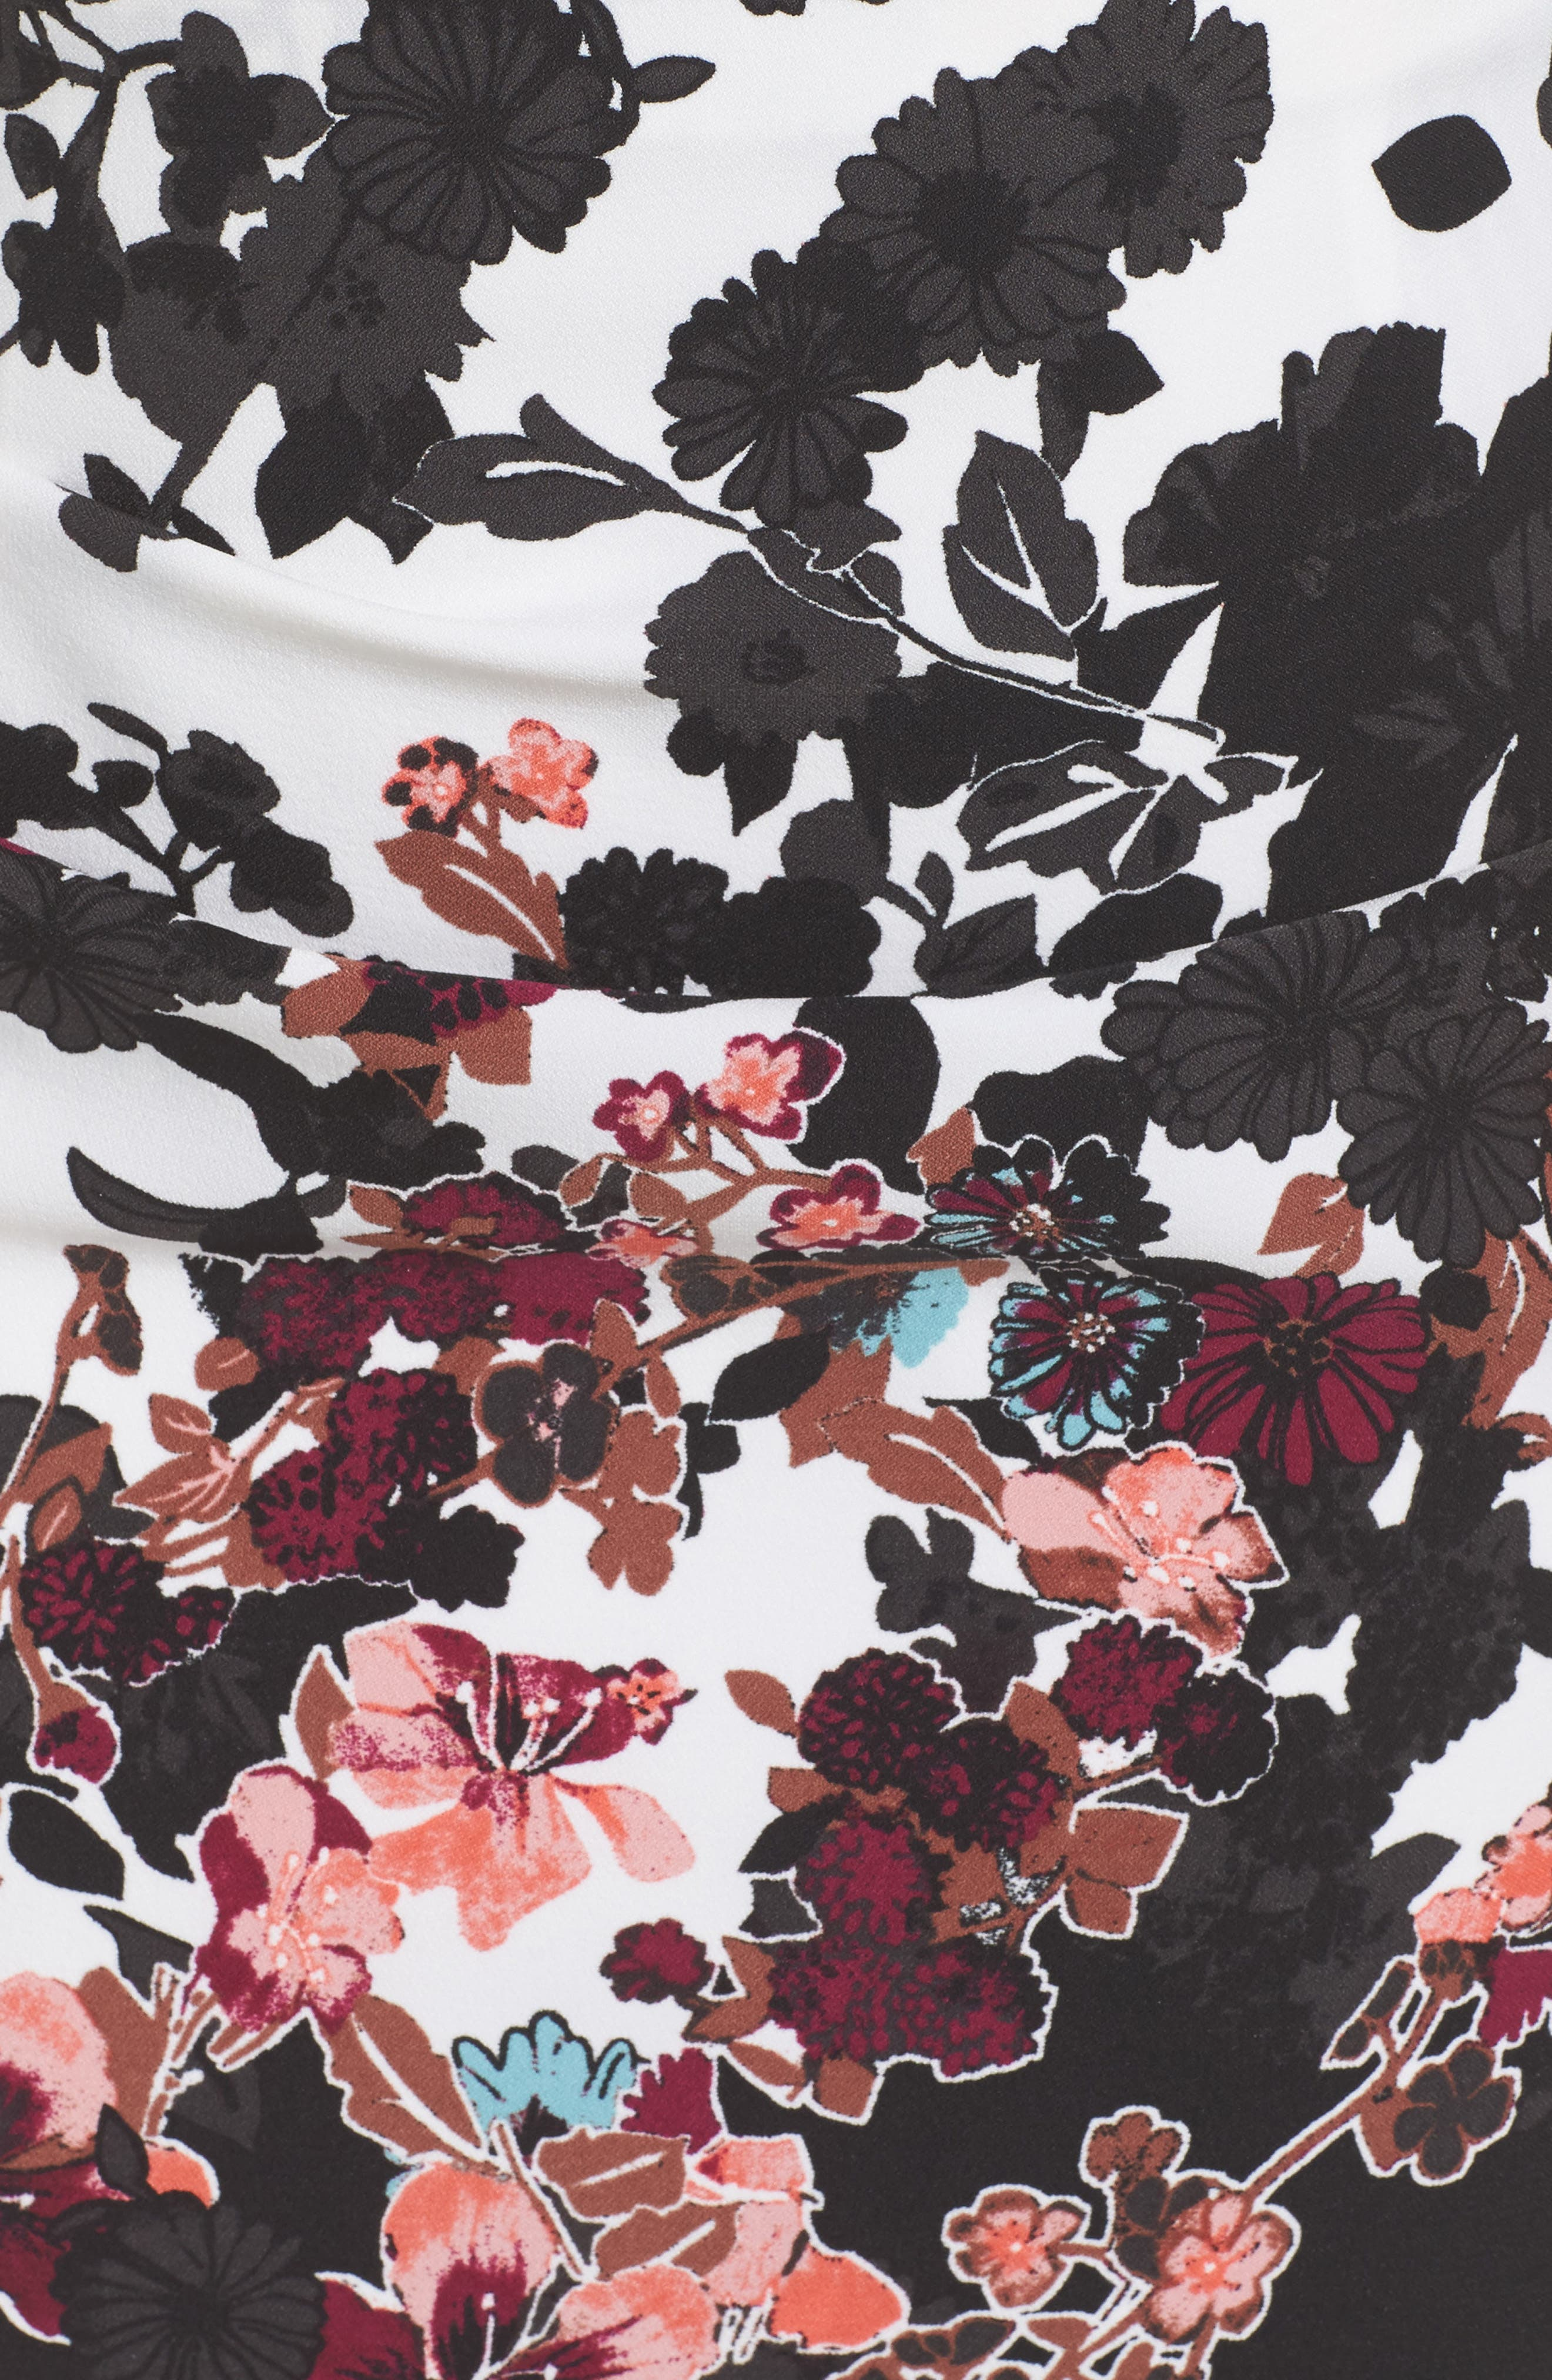 Floral Bliss Draped Sheath Dress,                             Alternate thumbnail 5, color,                             900